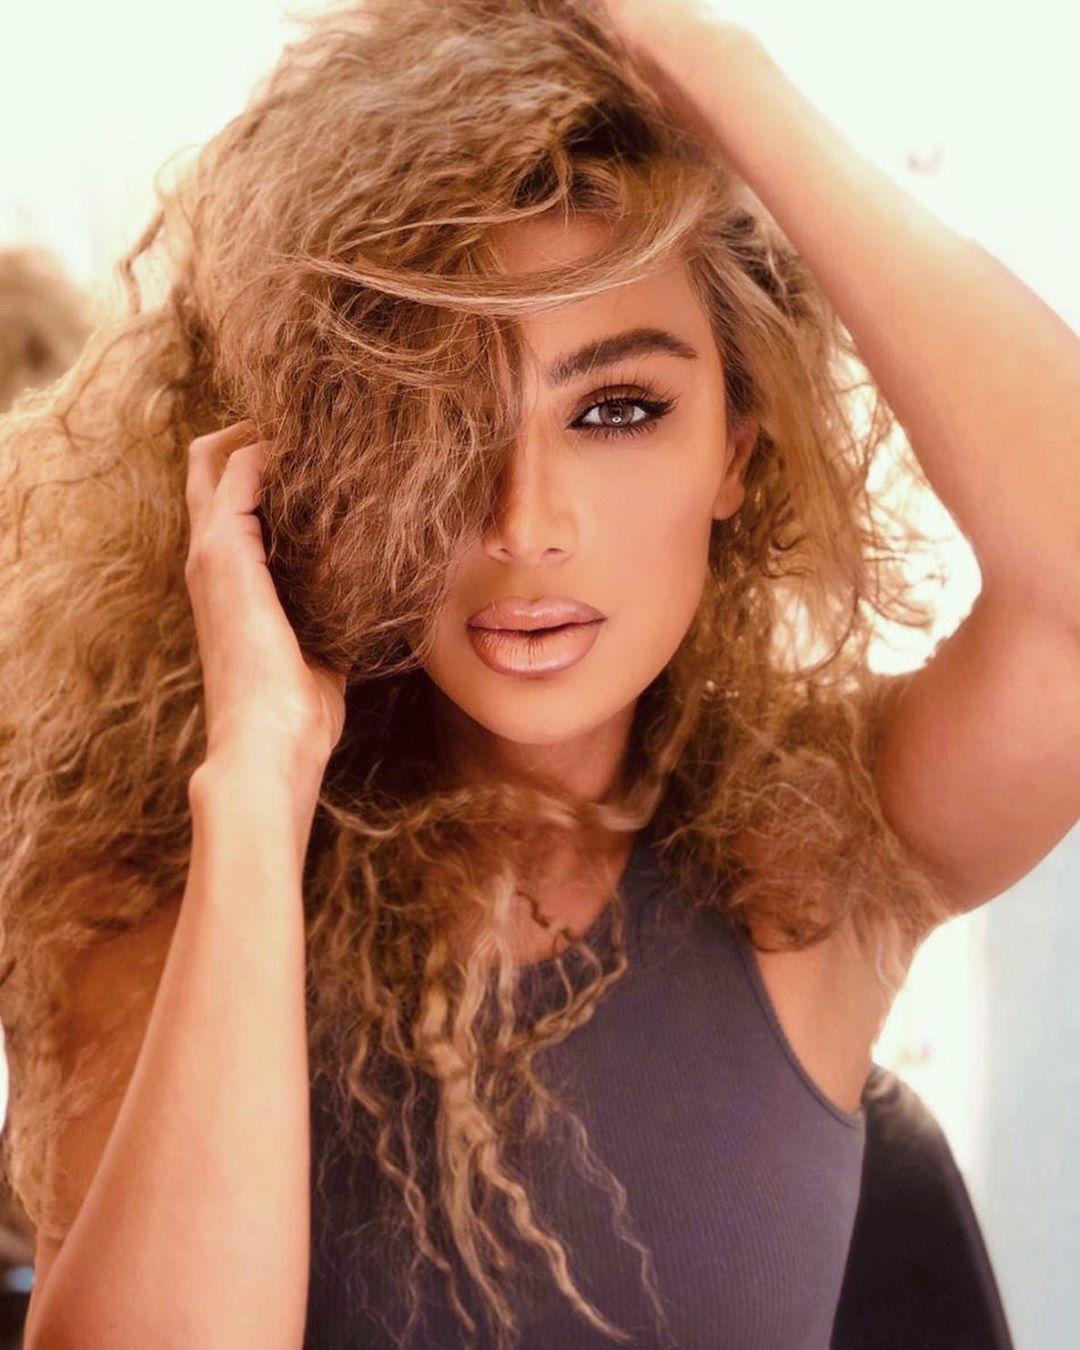 مكياج عيون خريف 2020 على طريقة مايا دياب مجلة سيدتي استعدي هذا الخريف لتجربة أجمل أساليب مكياج العيون المستوحاة من النجمة مايا دياب و Hair Styles Beauty Hair